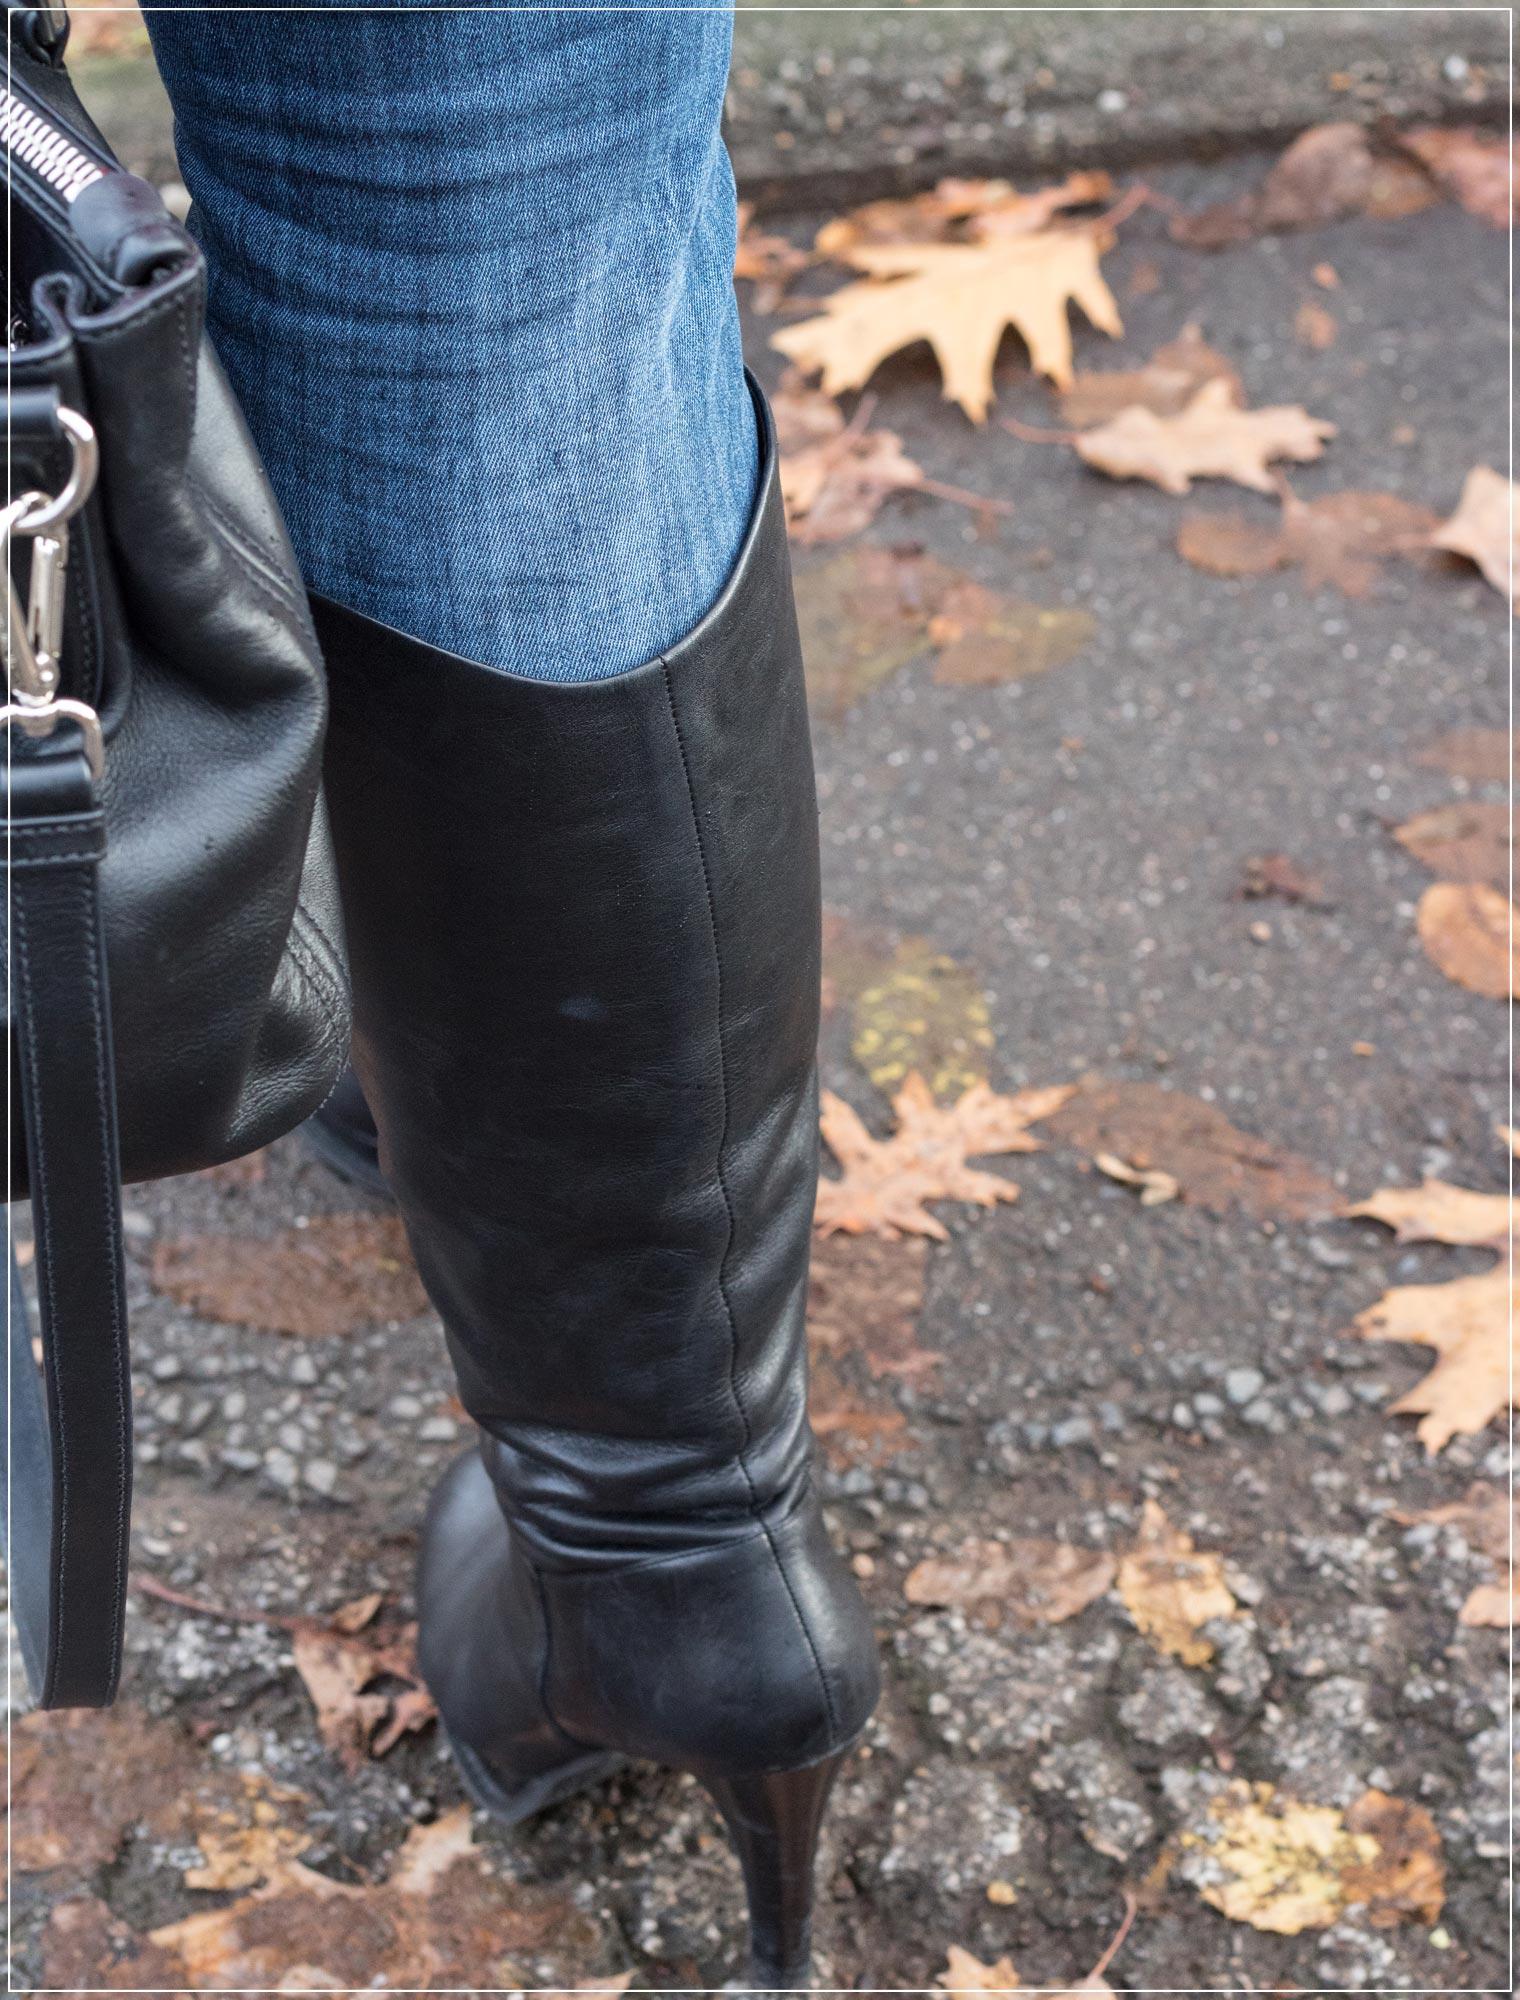 klassische Lederstiefel zum Wintergewand